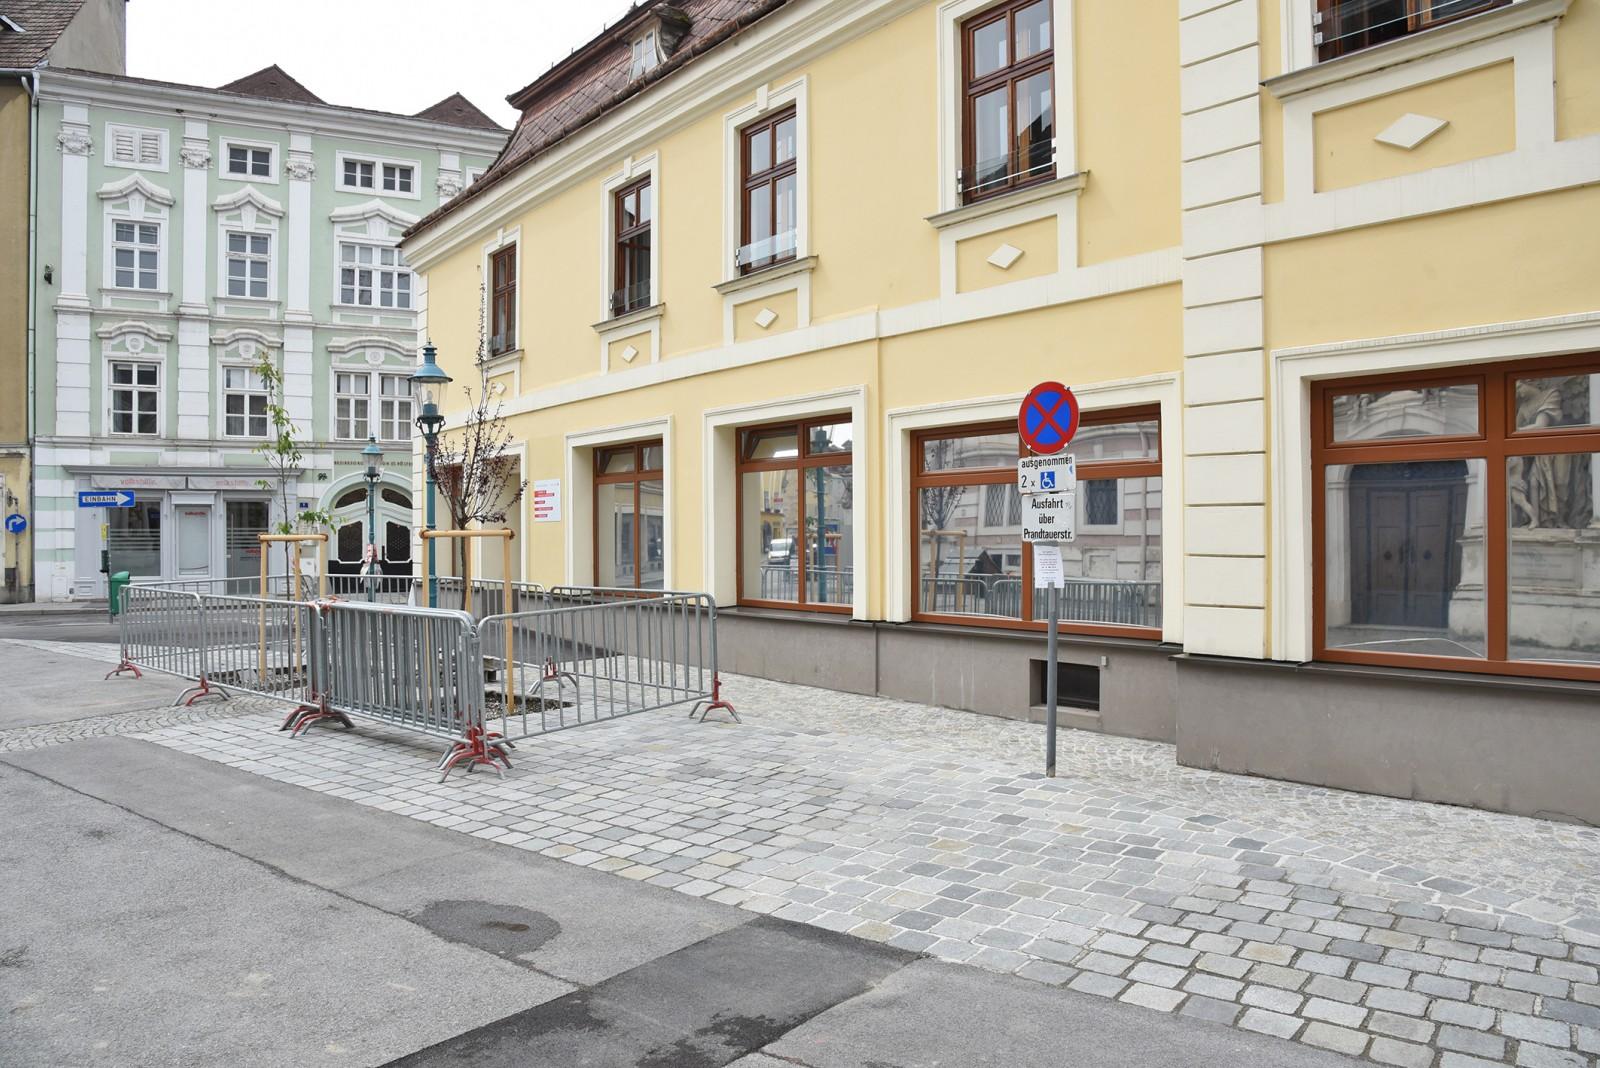 Verlegung von Behindertenparkplätzen